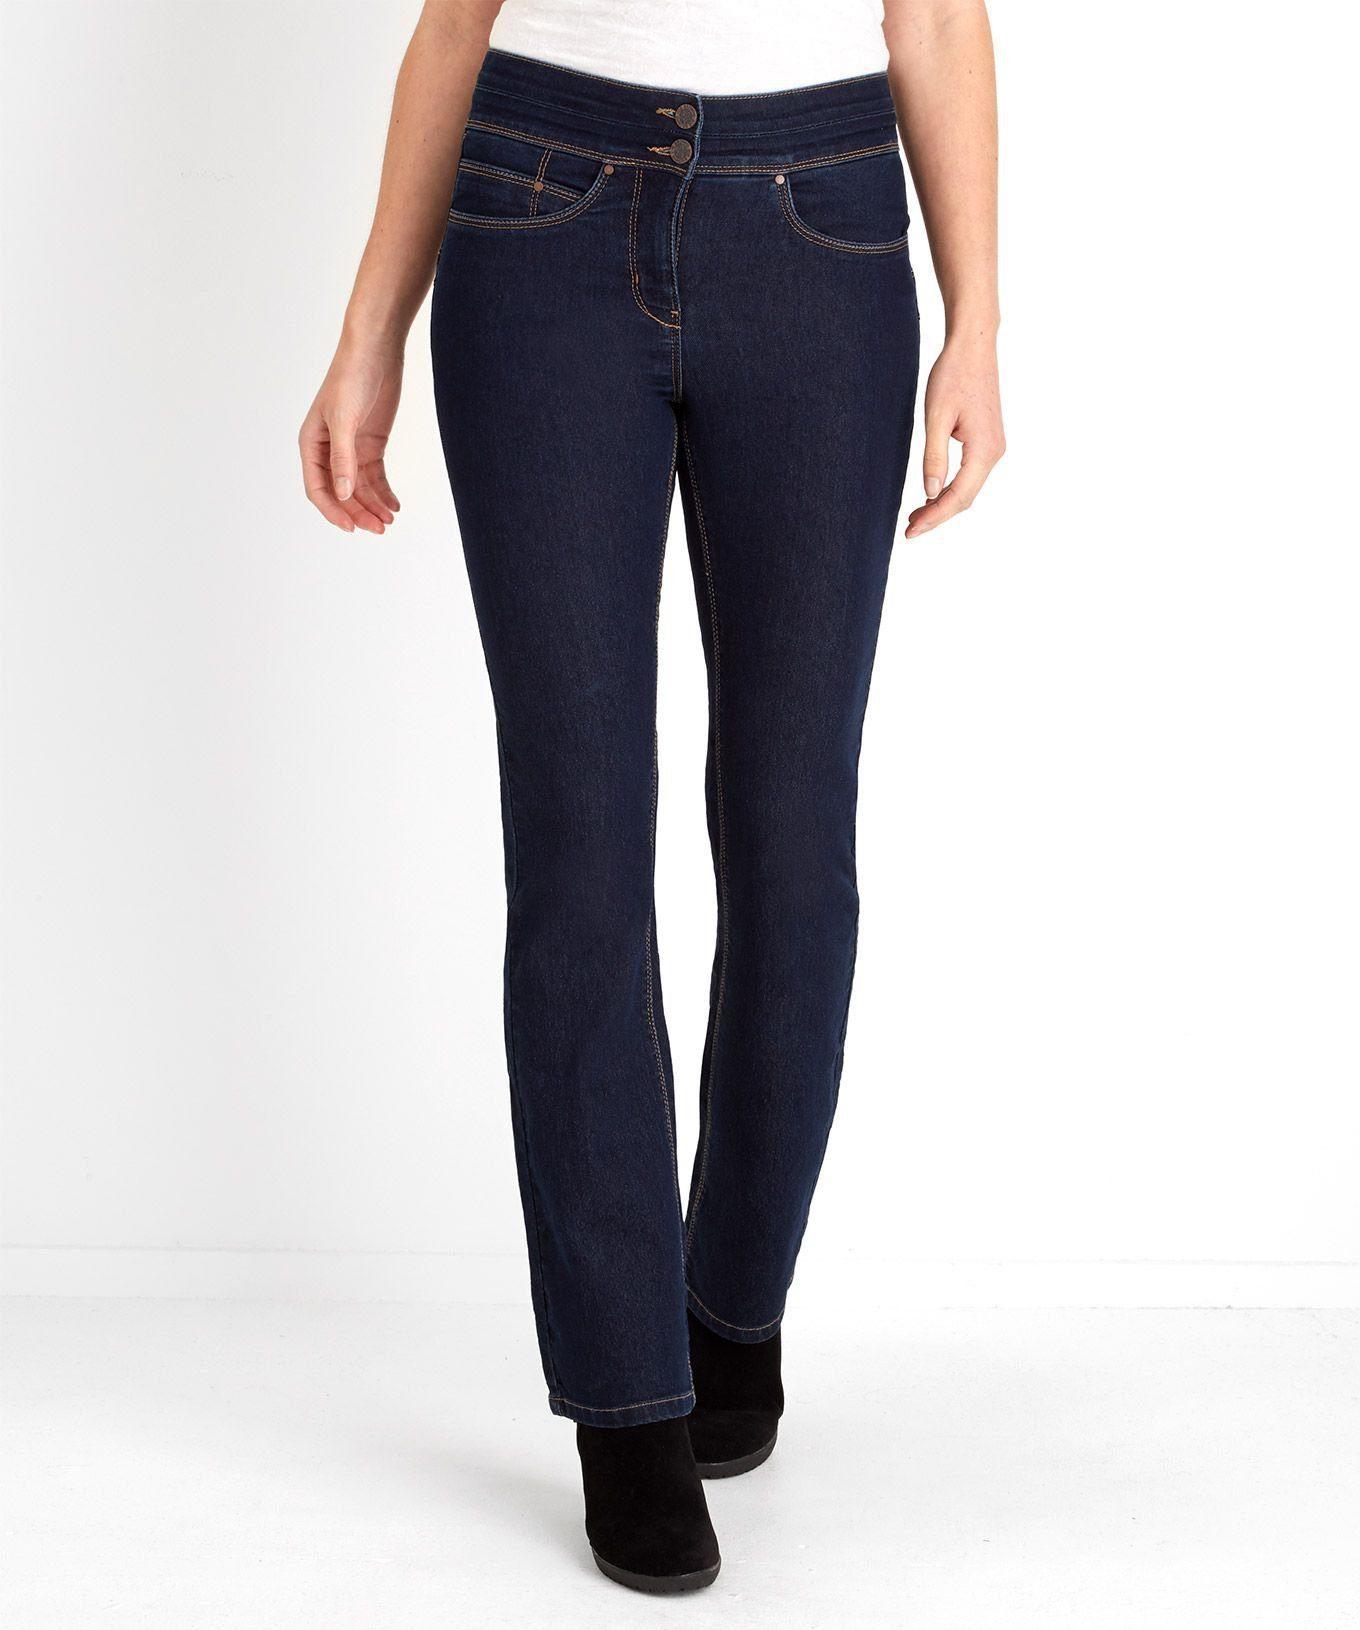 Joe Browns Bootcut-Jeans »Bootcut-Stretch-Denim-Jeans mit breitem Bund von Joe Browns für Damen«